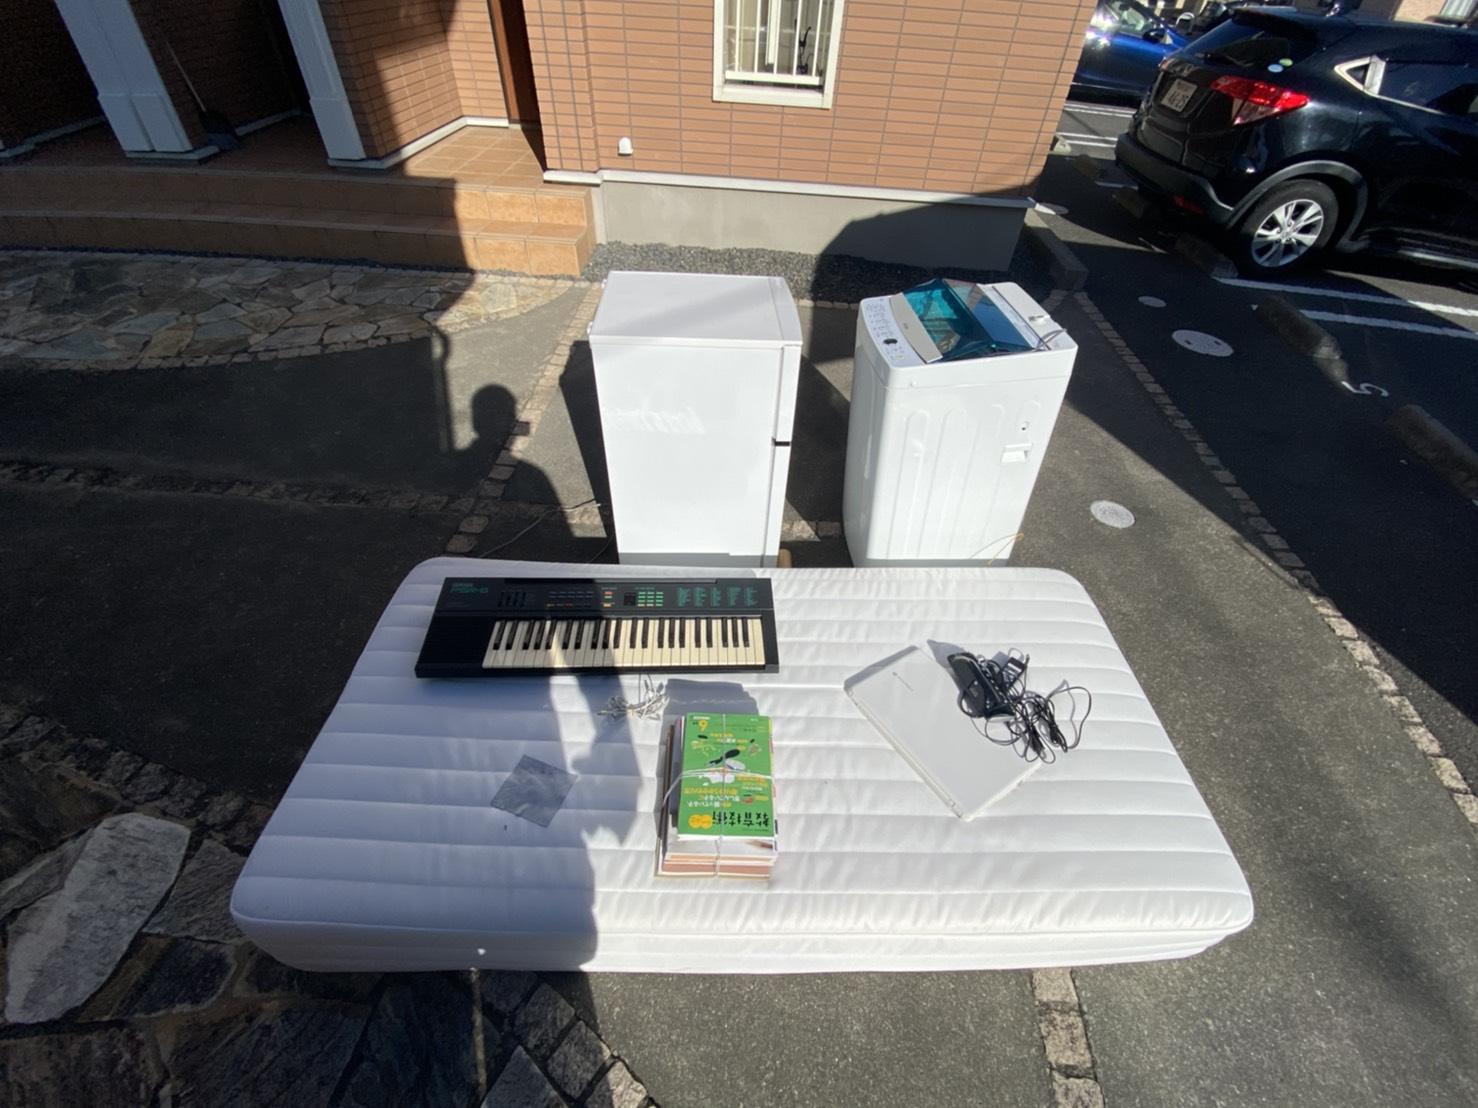 マットレス、電子ピアノ、パソコン、洗濯機、冷蔵庫の回収前